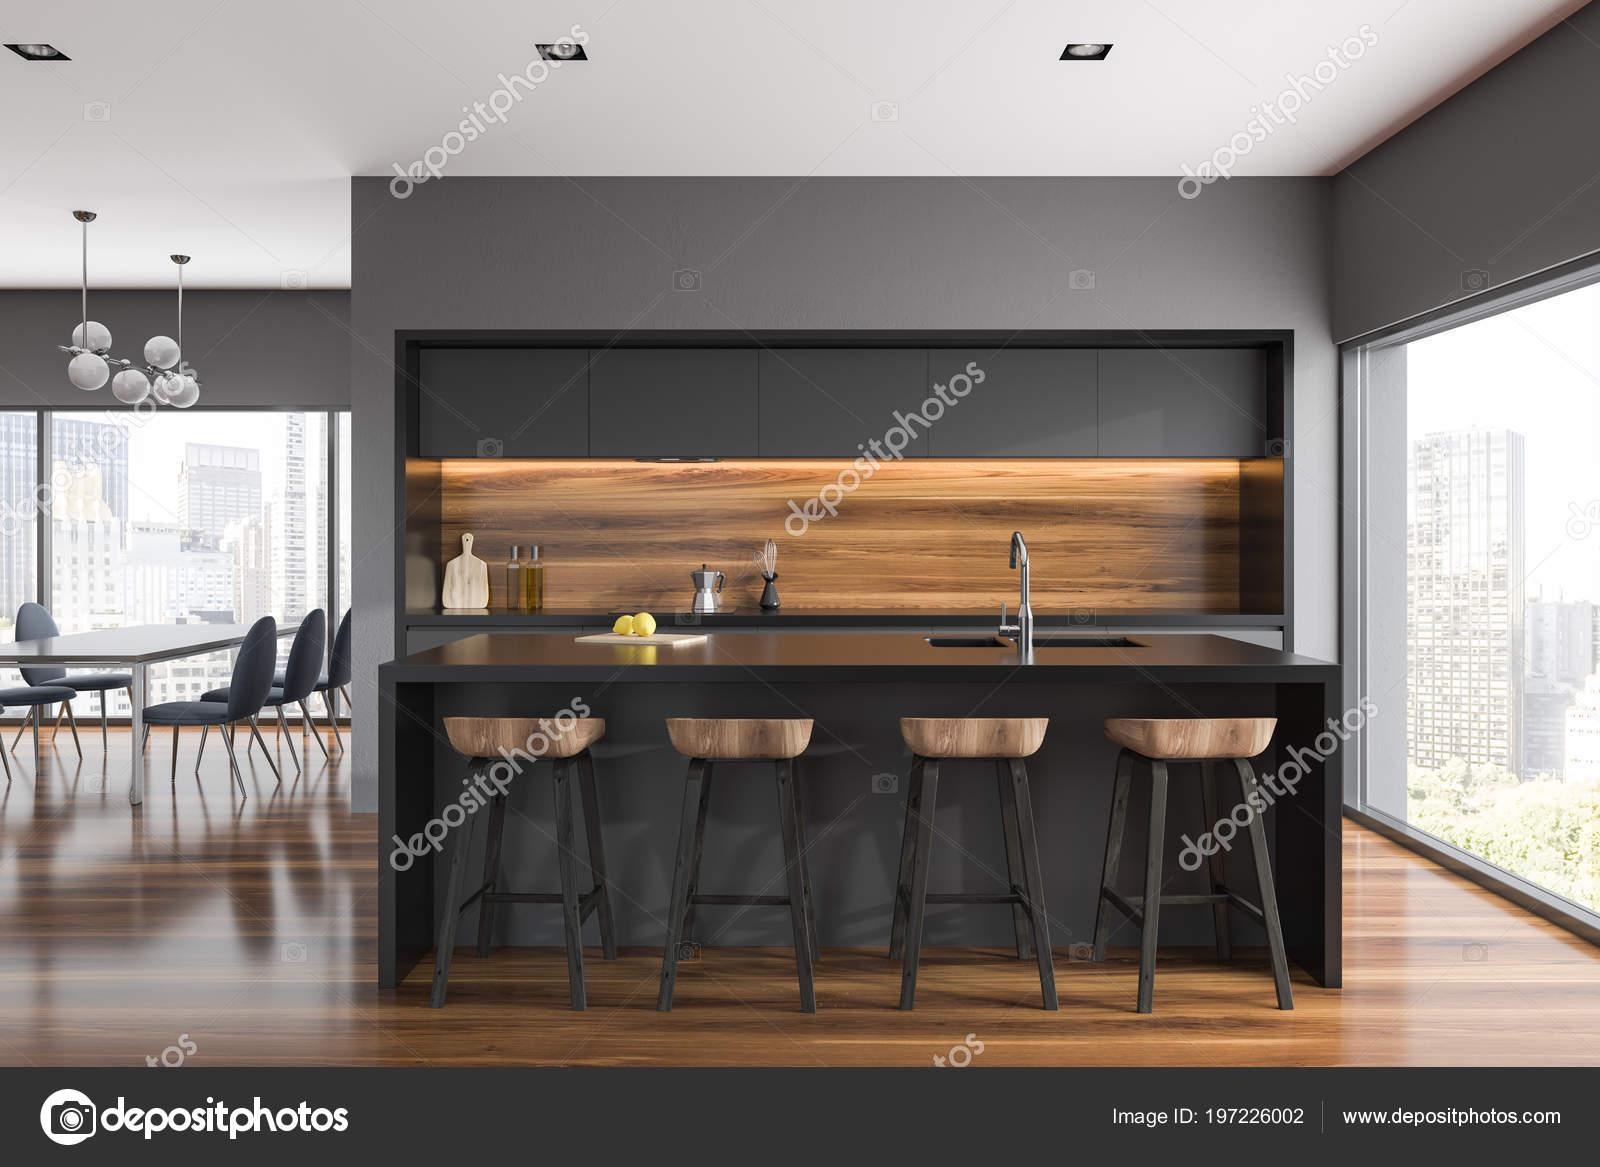 Keuken Bar Muur : Grijs houten muur keuken interieur met grijze aanrecht een bar